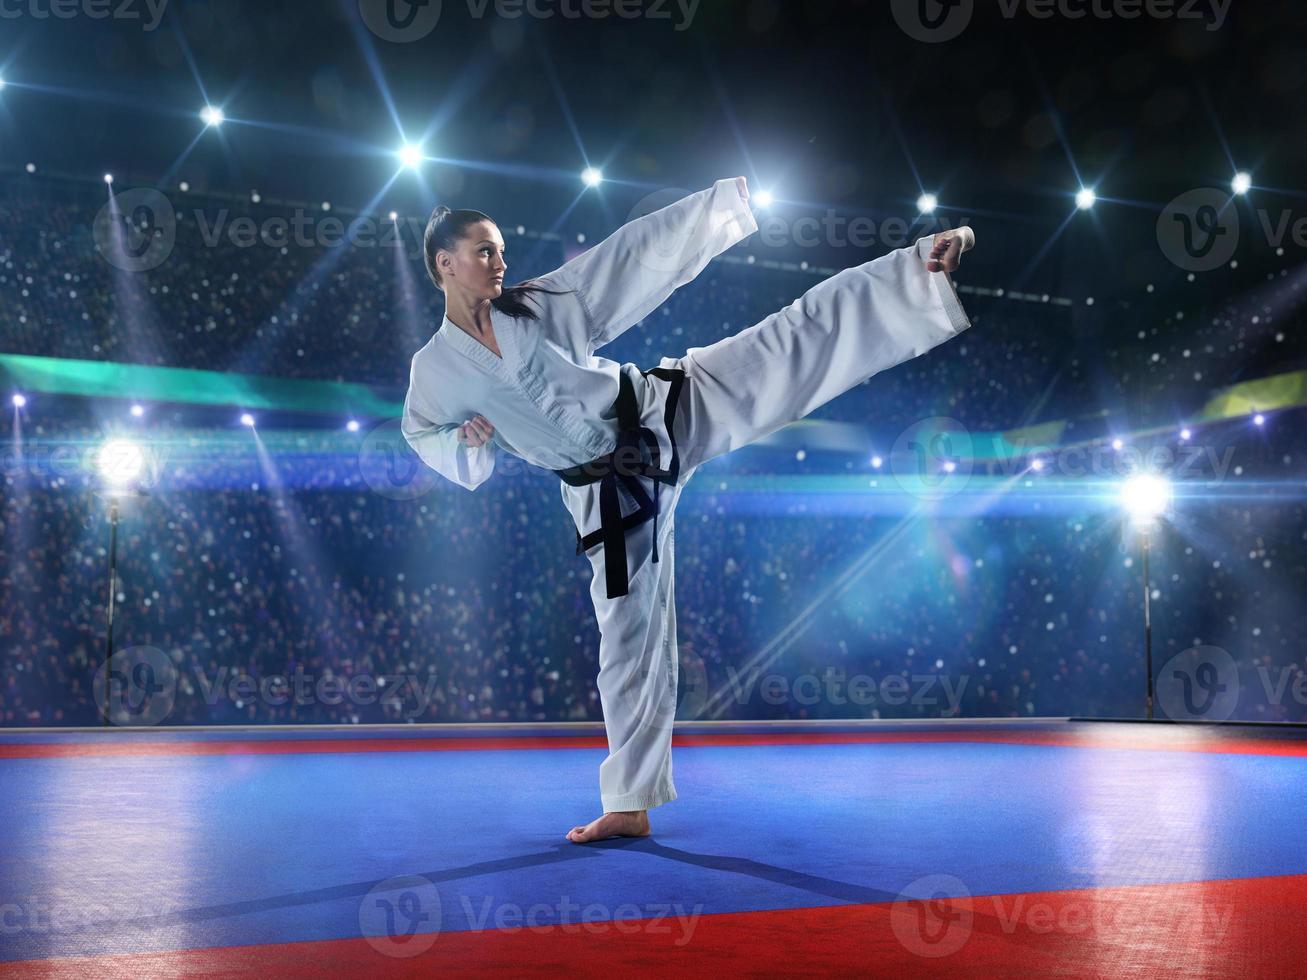 professionelle Karate-Kämpferin foto